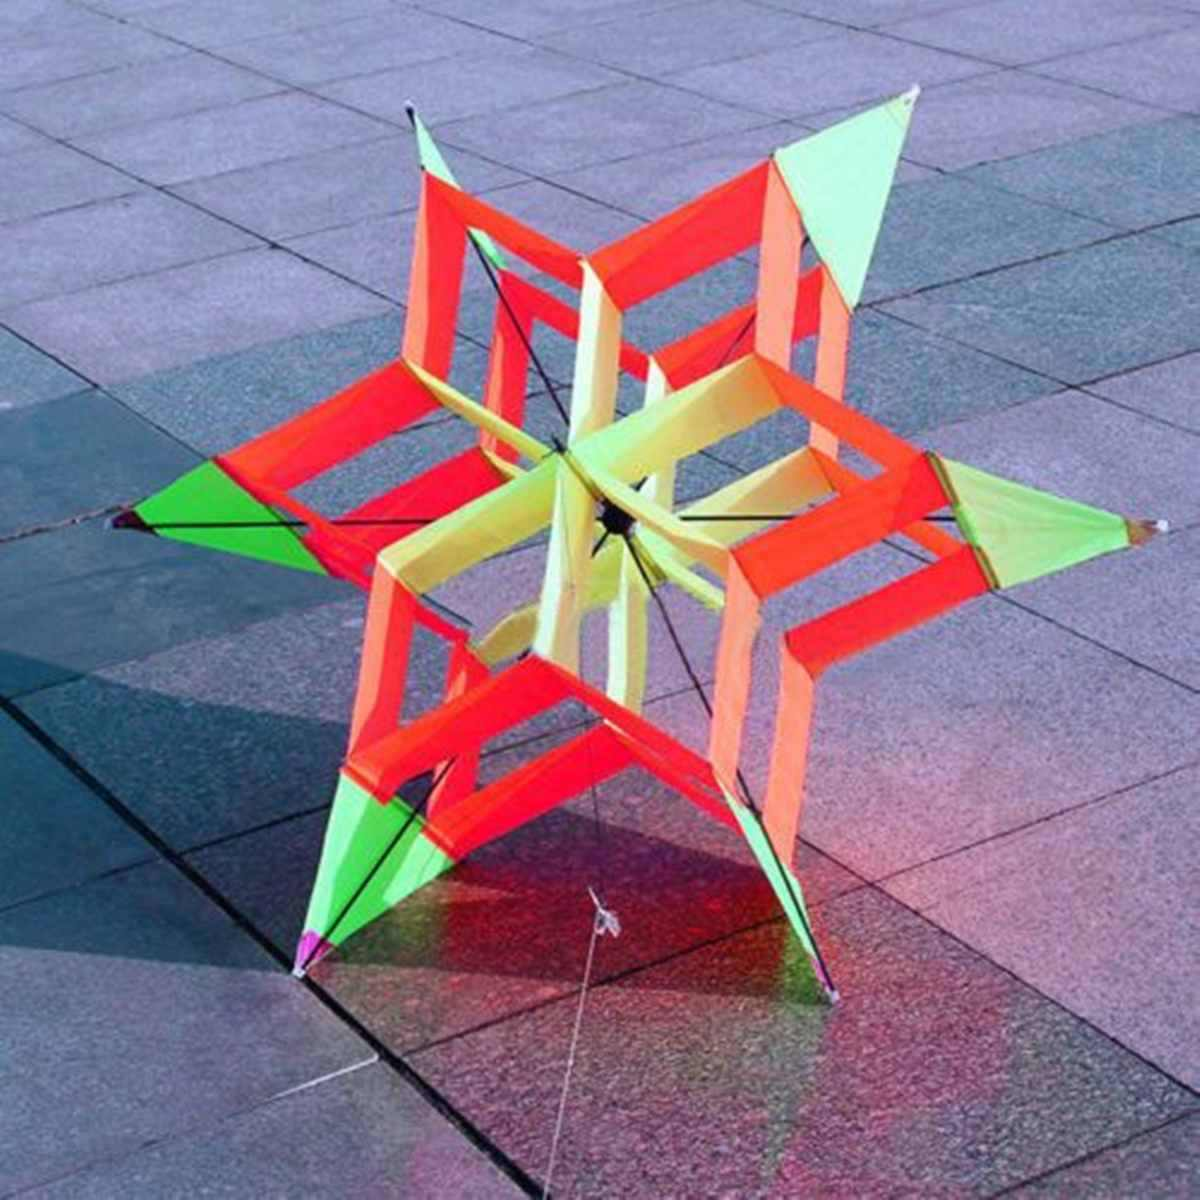 3D красочные шестиугольник сливы цветок воздушный змей с одним леером FRP воздушный змей открытый весело спортивные детские игрушки легко взлетающие с подключением придерживаться линии